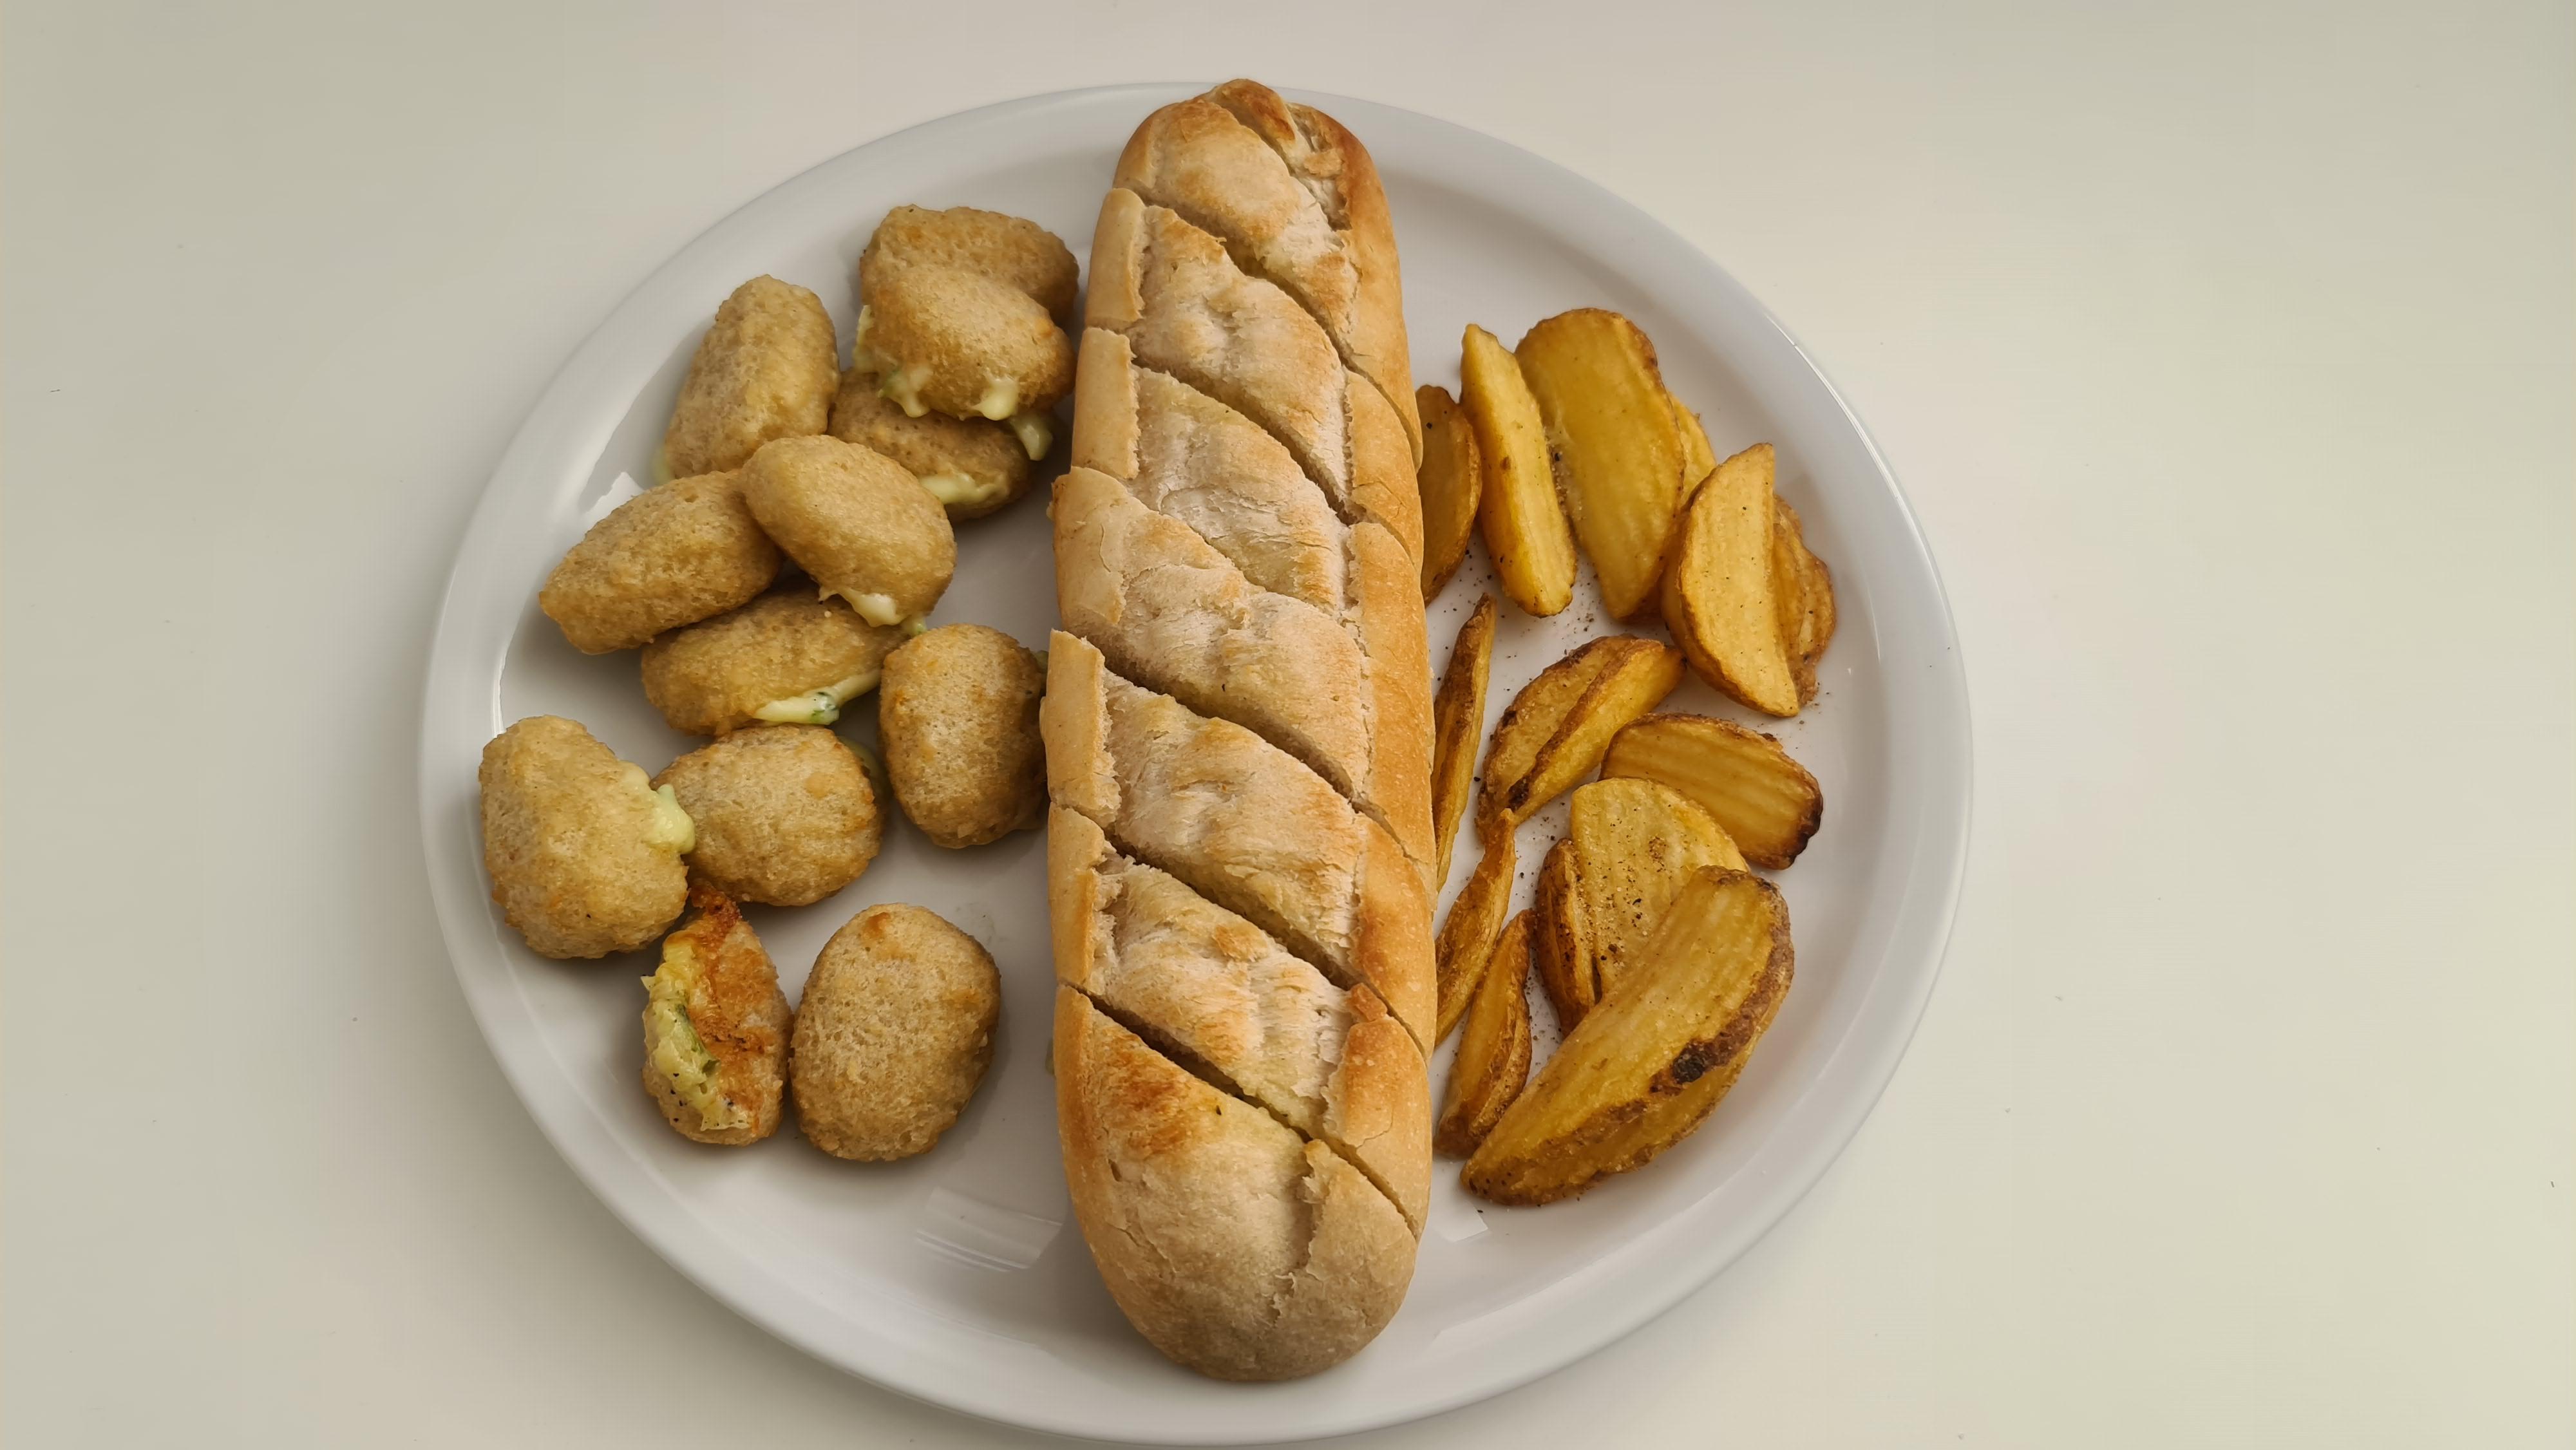 https://foodloader.net/Holz_2020-05-27_Chili_Cheese_Nuggets_und_Kraeuterbaguette_und_Crispers.jpg